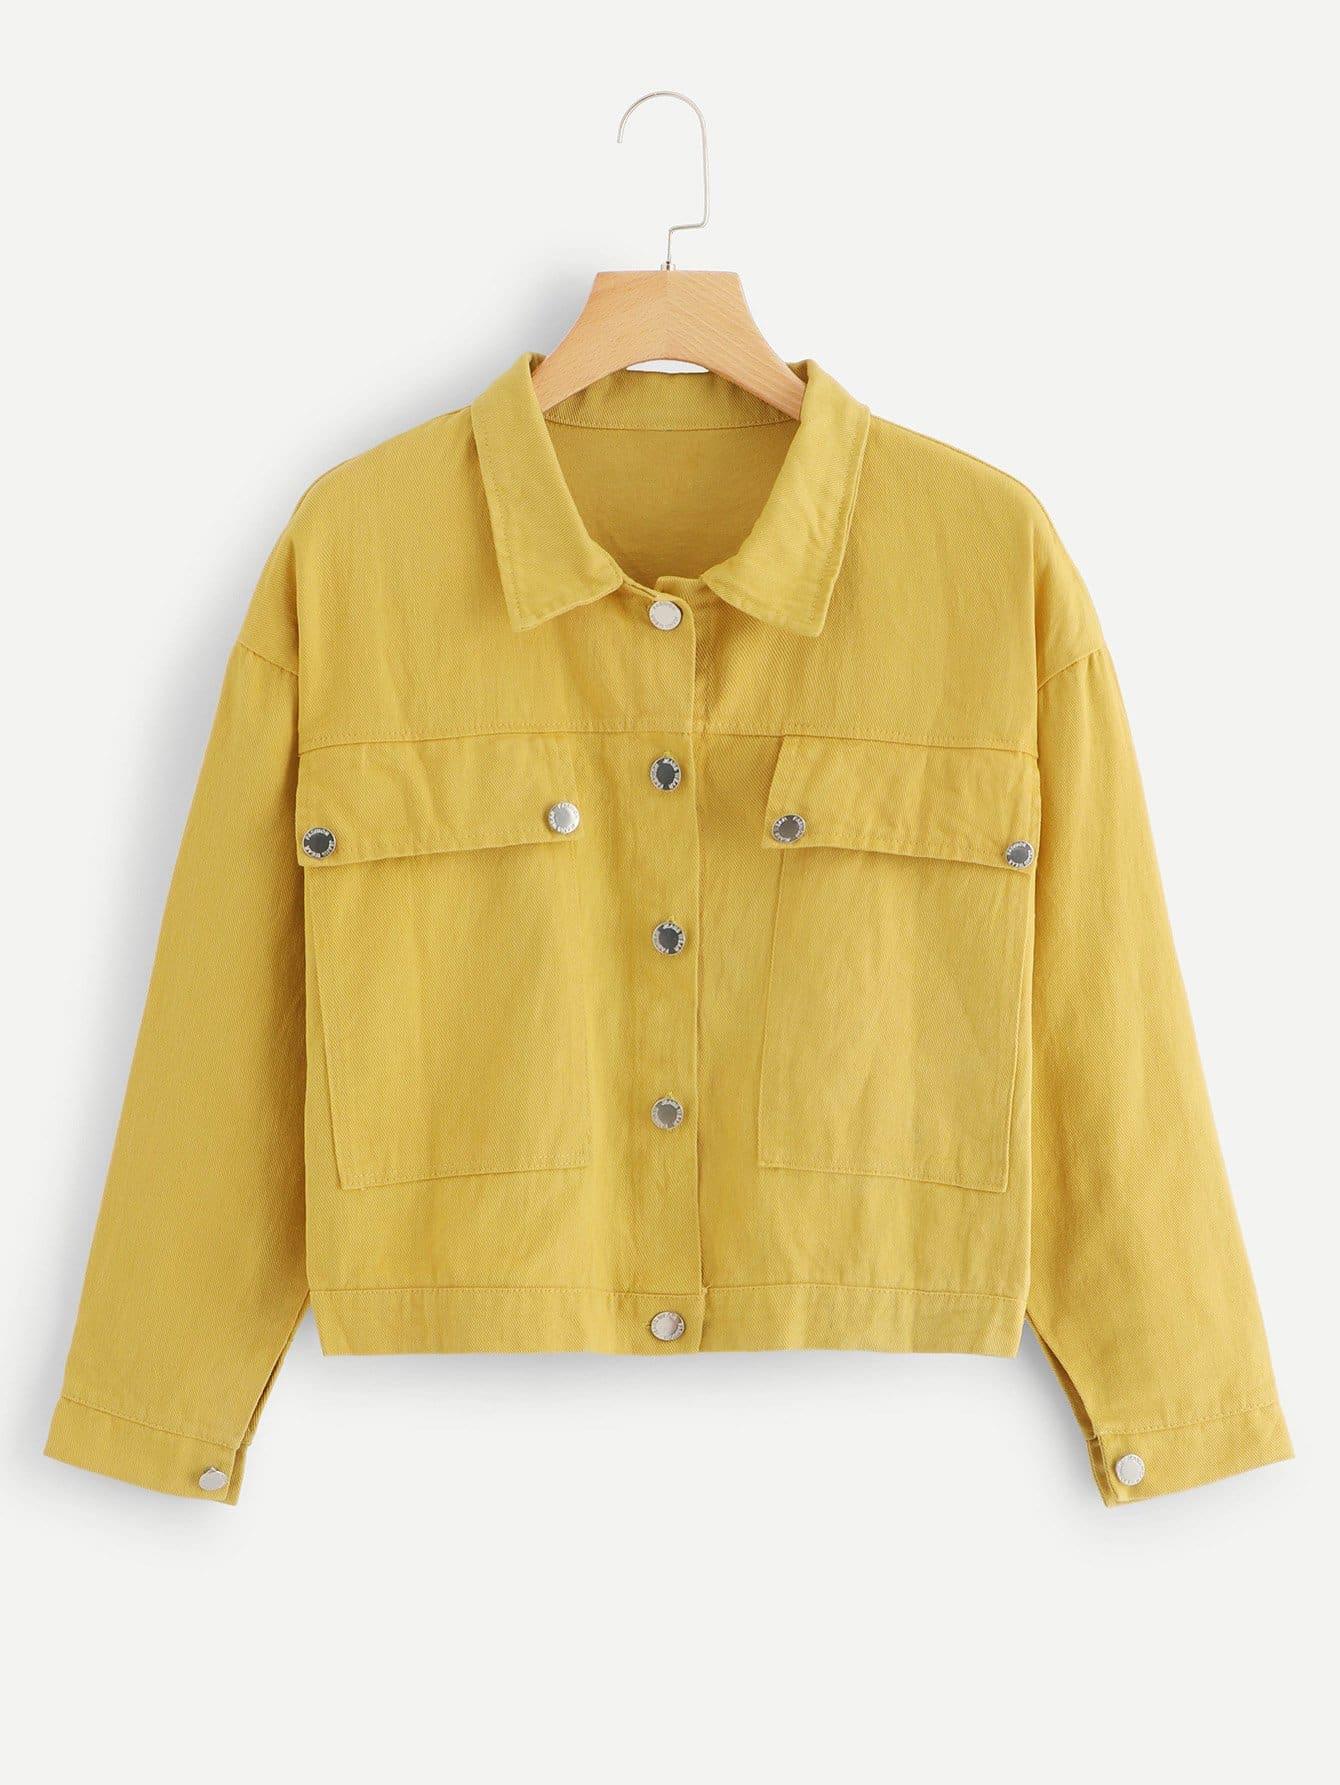 Купить Простая джинсовая ветровка и с украшением пуговицы перед одежды и кармана, null, SheIn